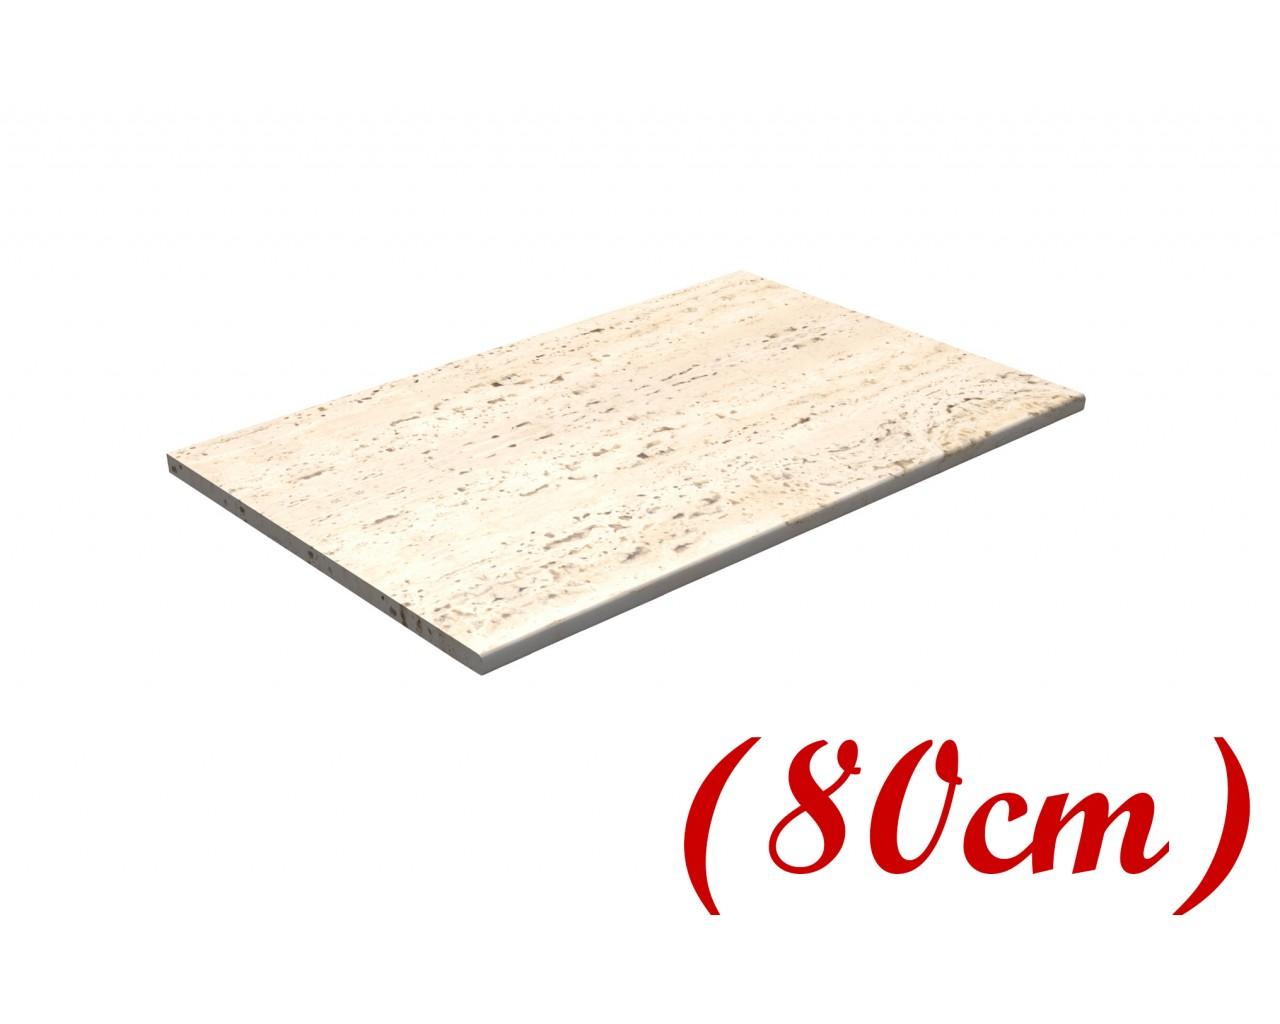 Blaturi Bucatarie Dimensiuni.Blat Atermic Culoare Marmura H28 80 Cm Corp 80